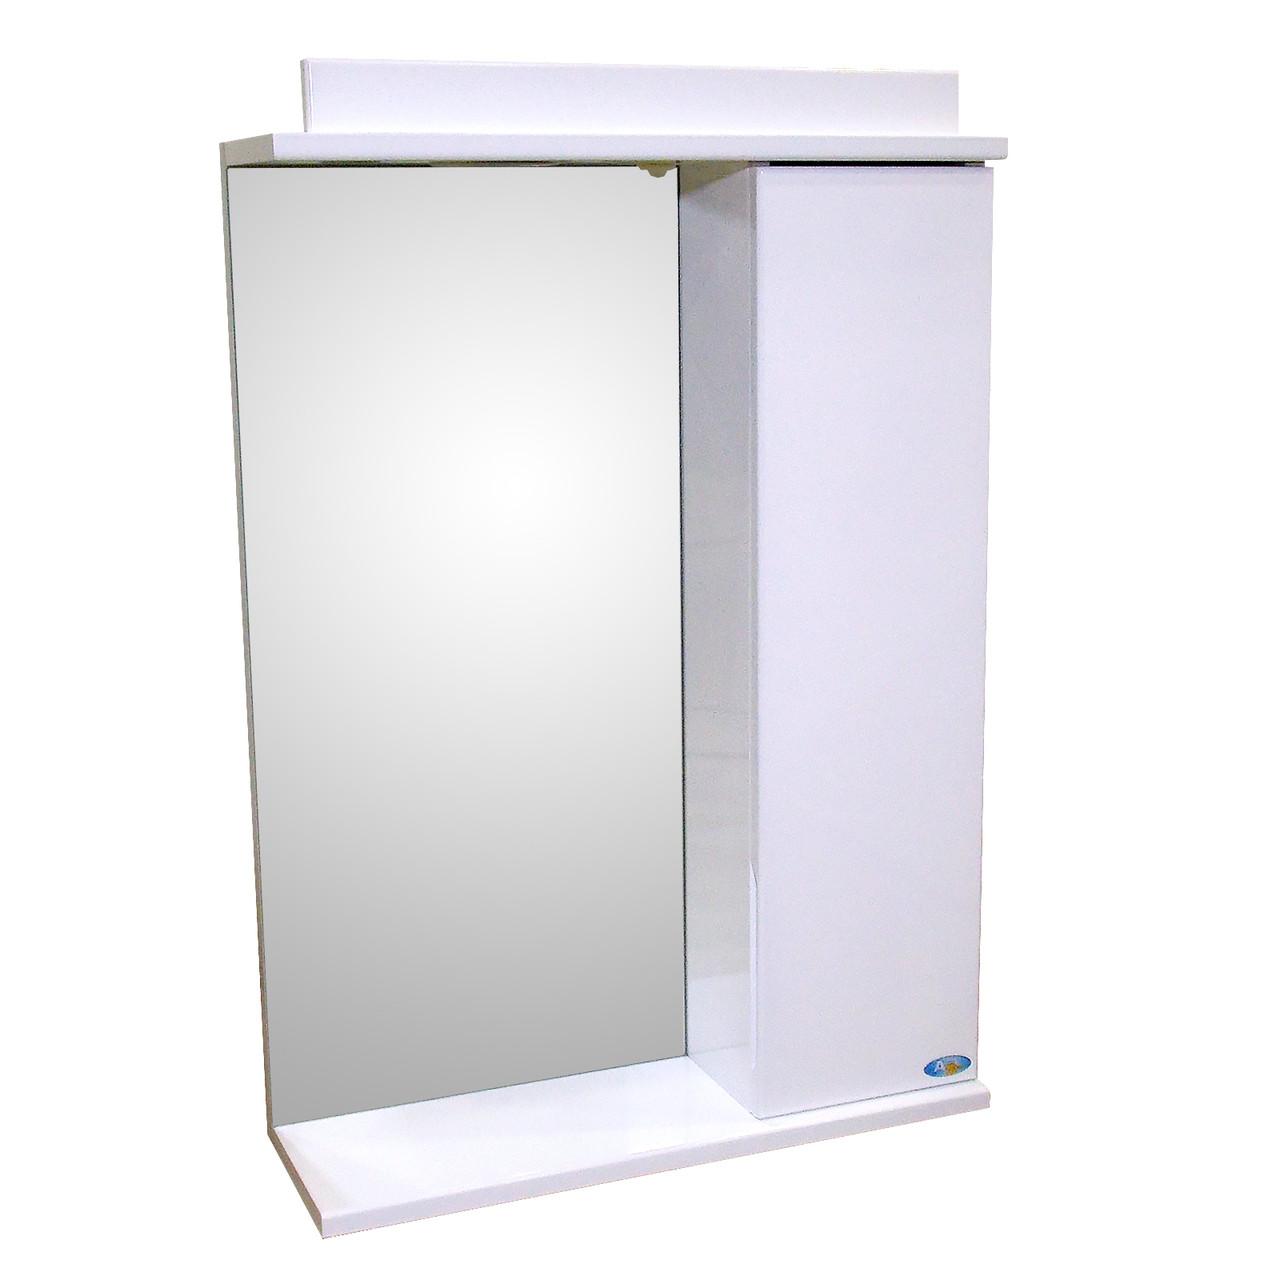 Зеркало 55 для ванной комнаты с подсветкой и шкафчиком Лаконика белый